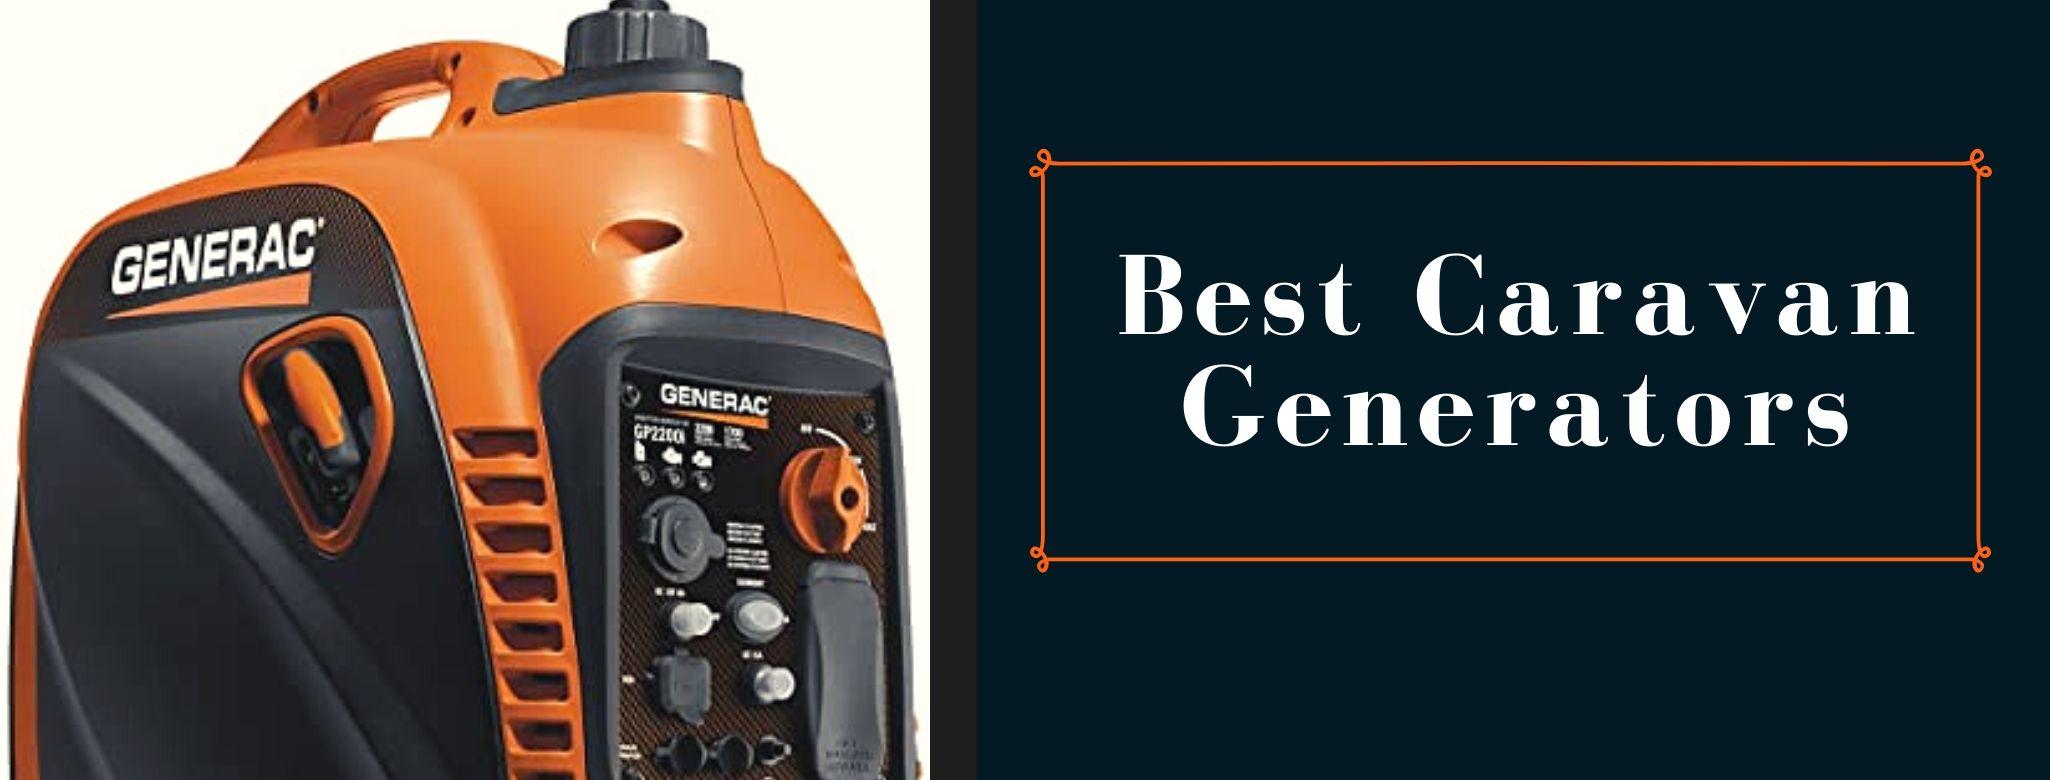 Best portable inverter generators for Caravan